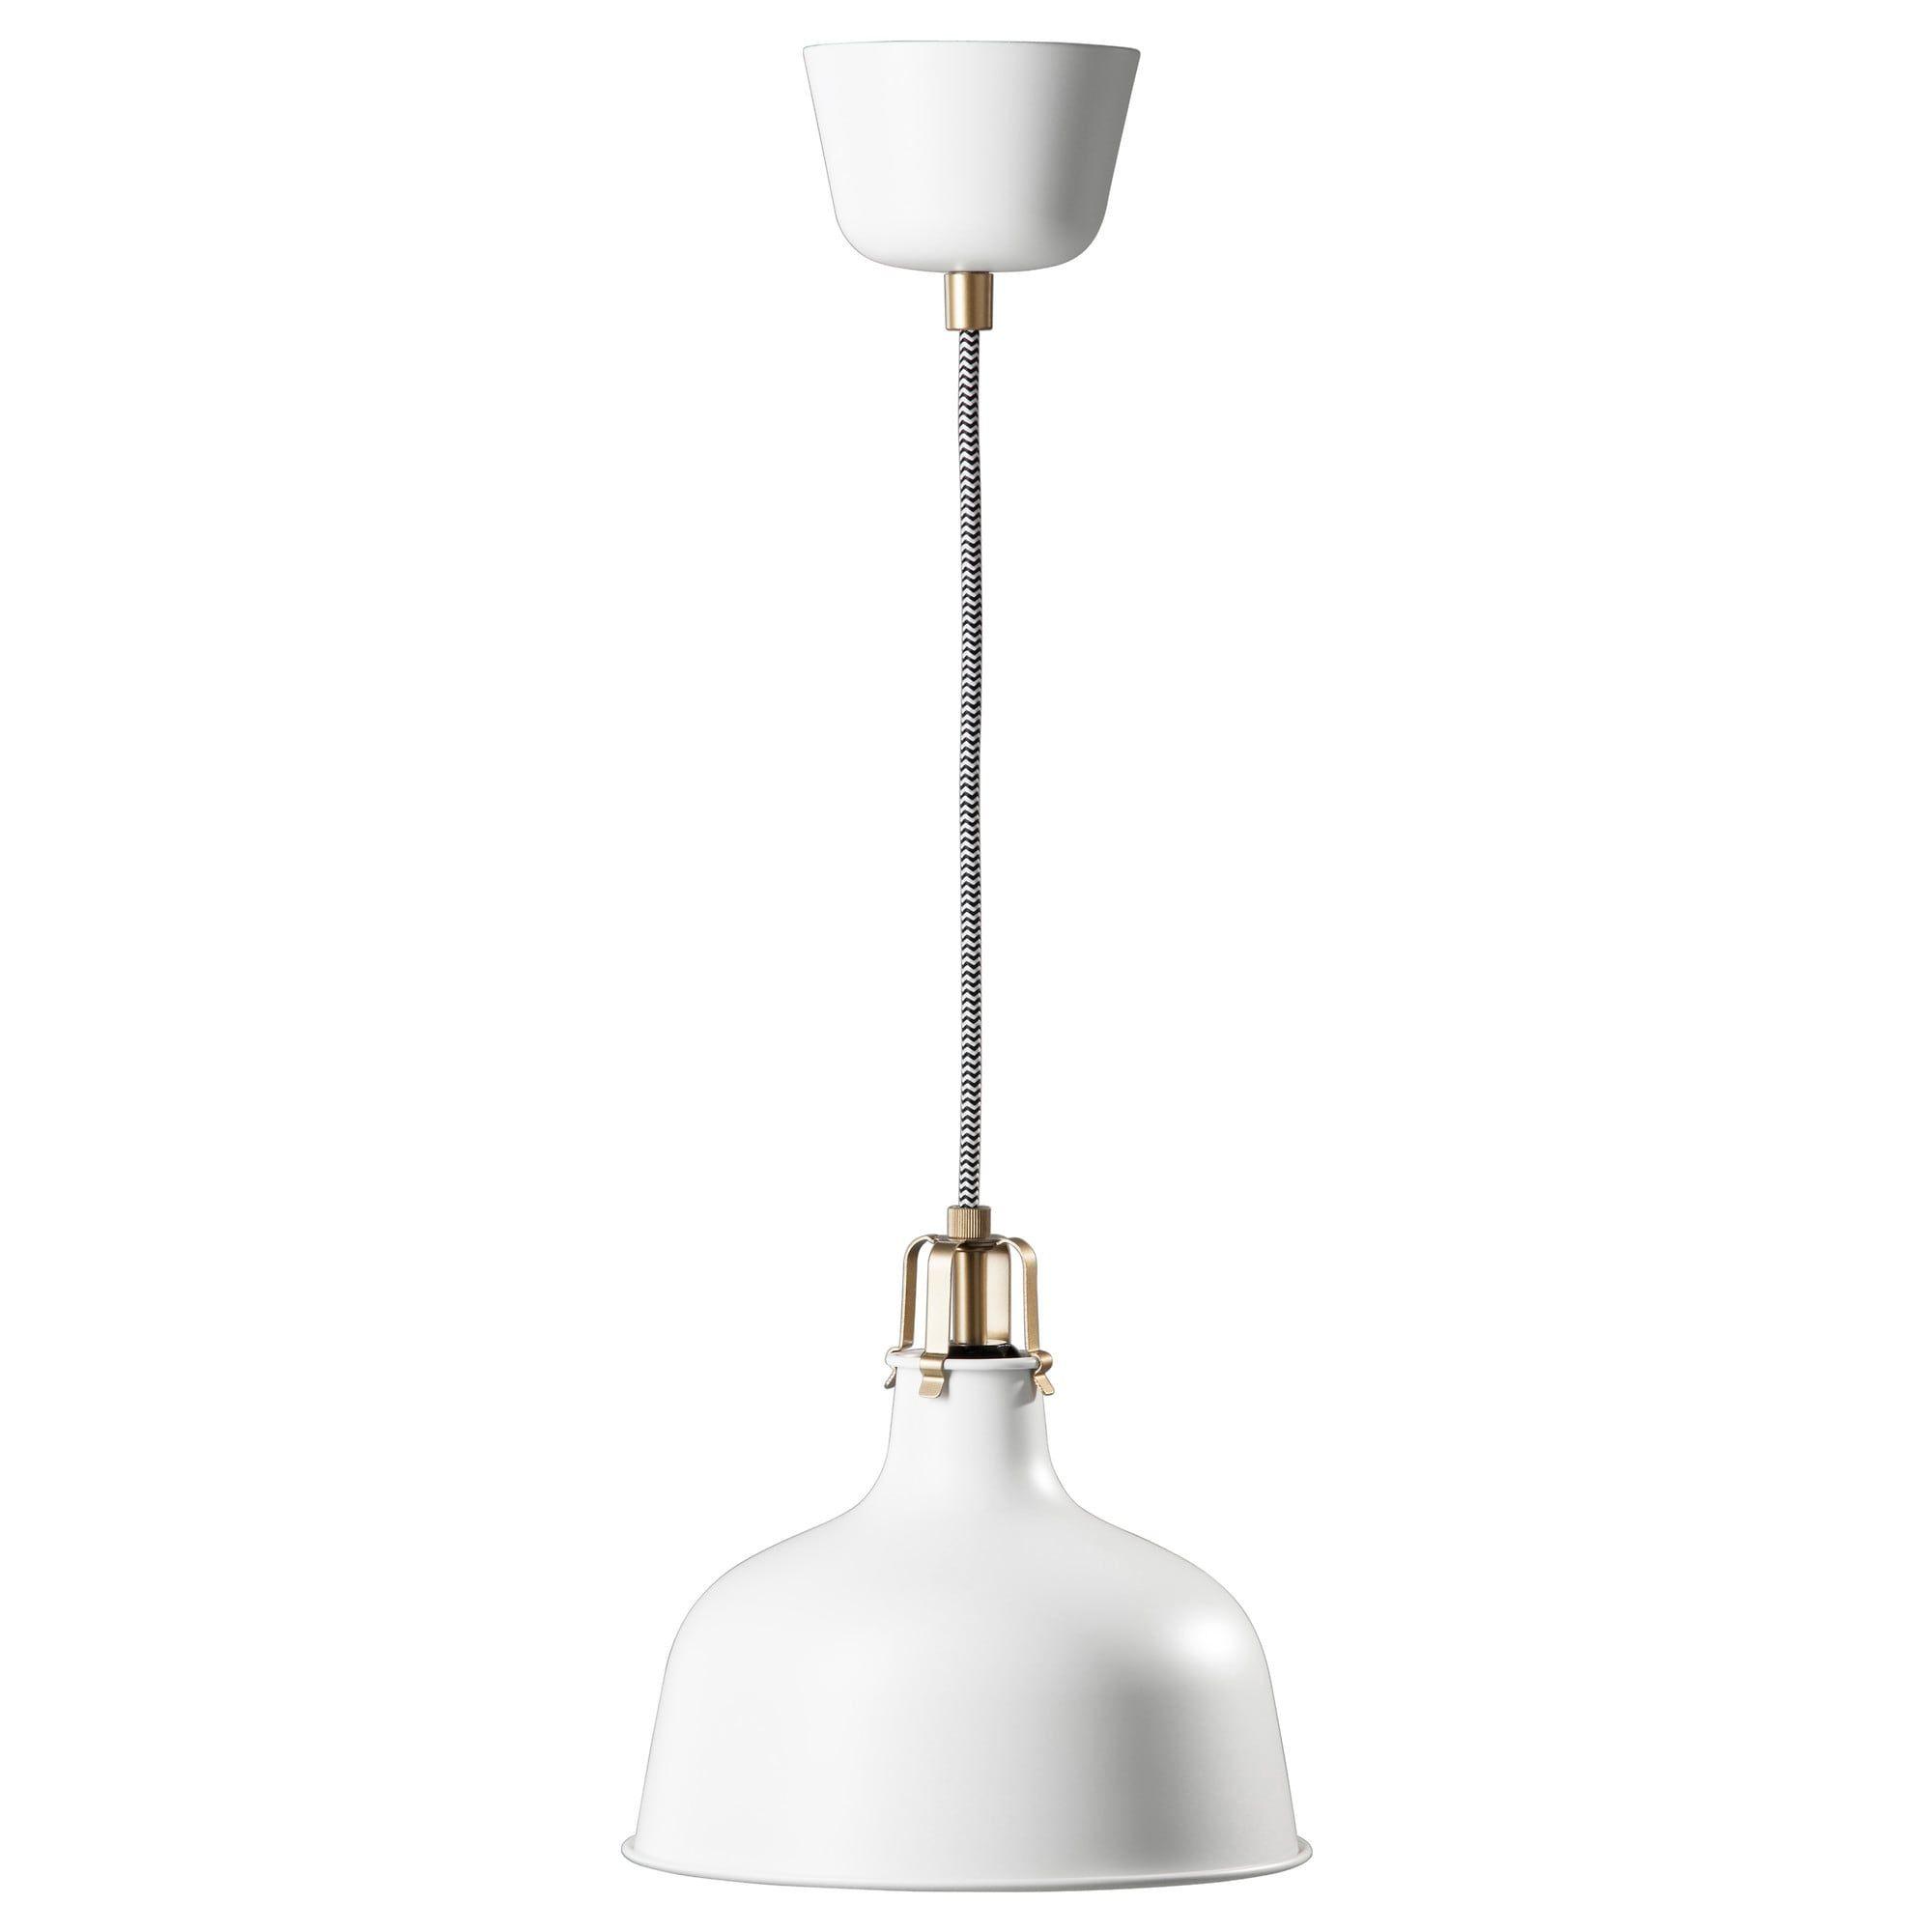 Ranarp Hangeleuchte Elfenbeinweiss Ikea Deutschland Mit Bildern Hangeleuchte Anhanger Lampen Lampen